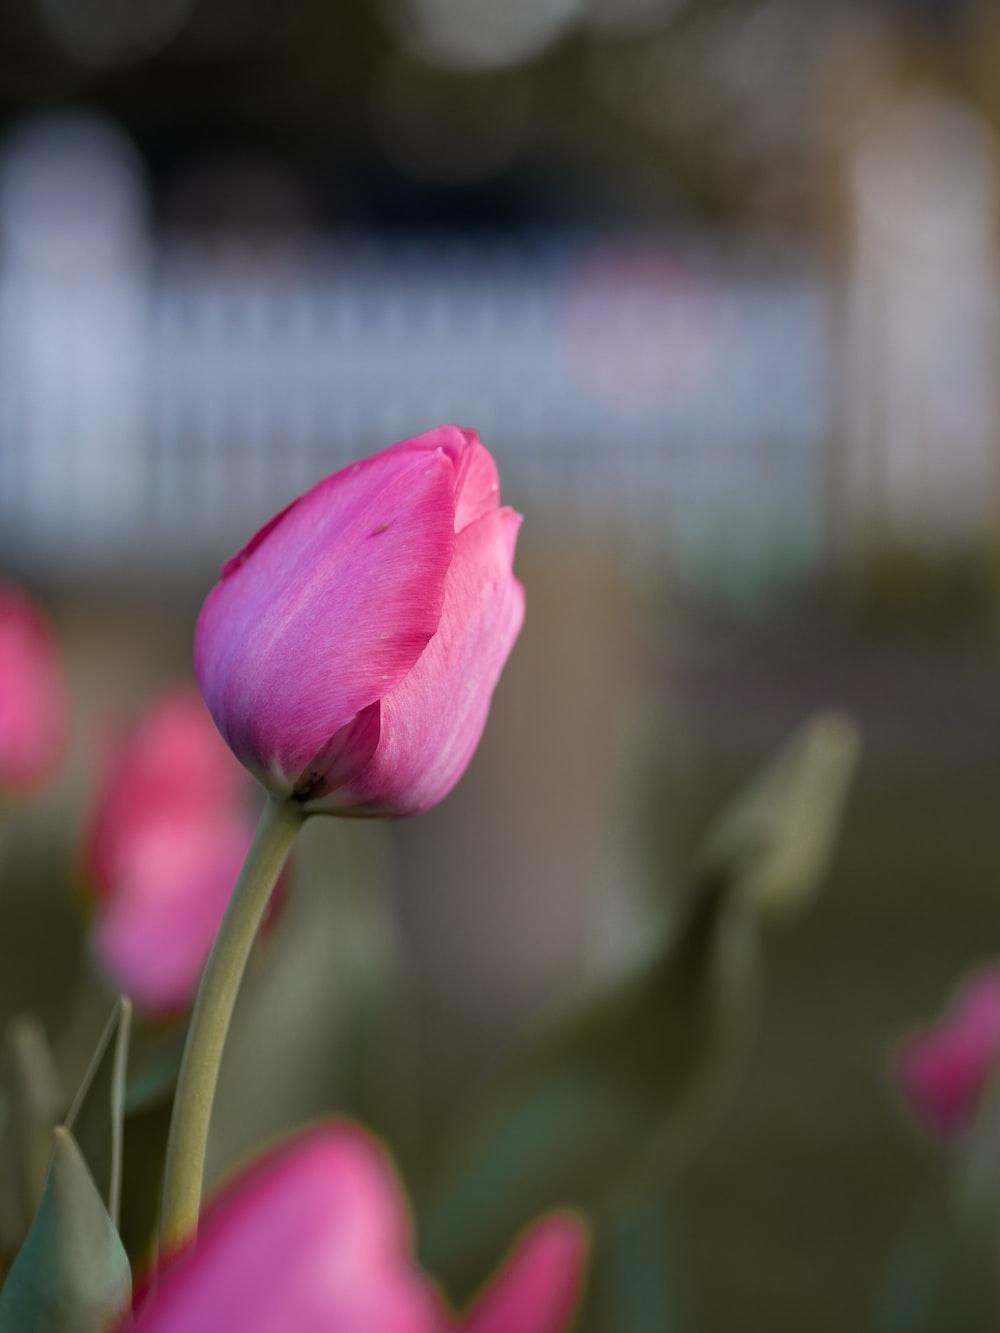 tilt shift lens photo of pink tulips